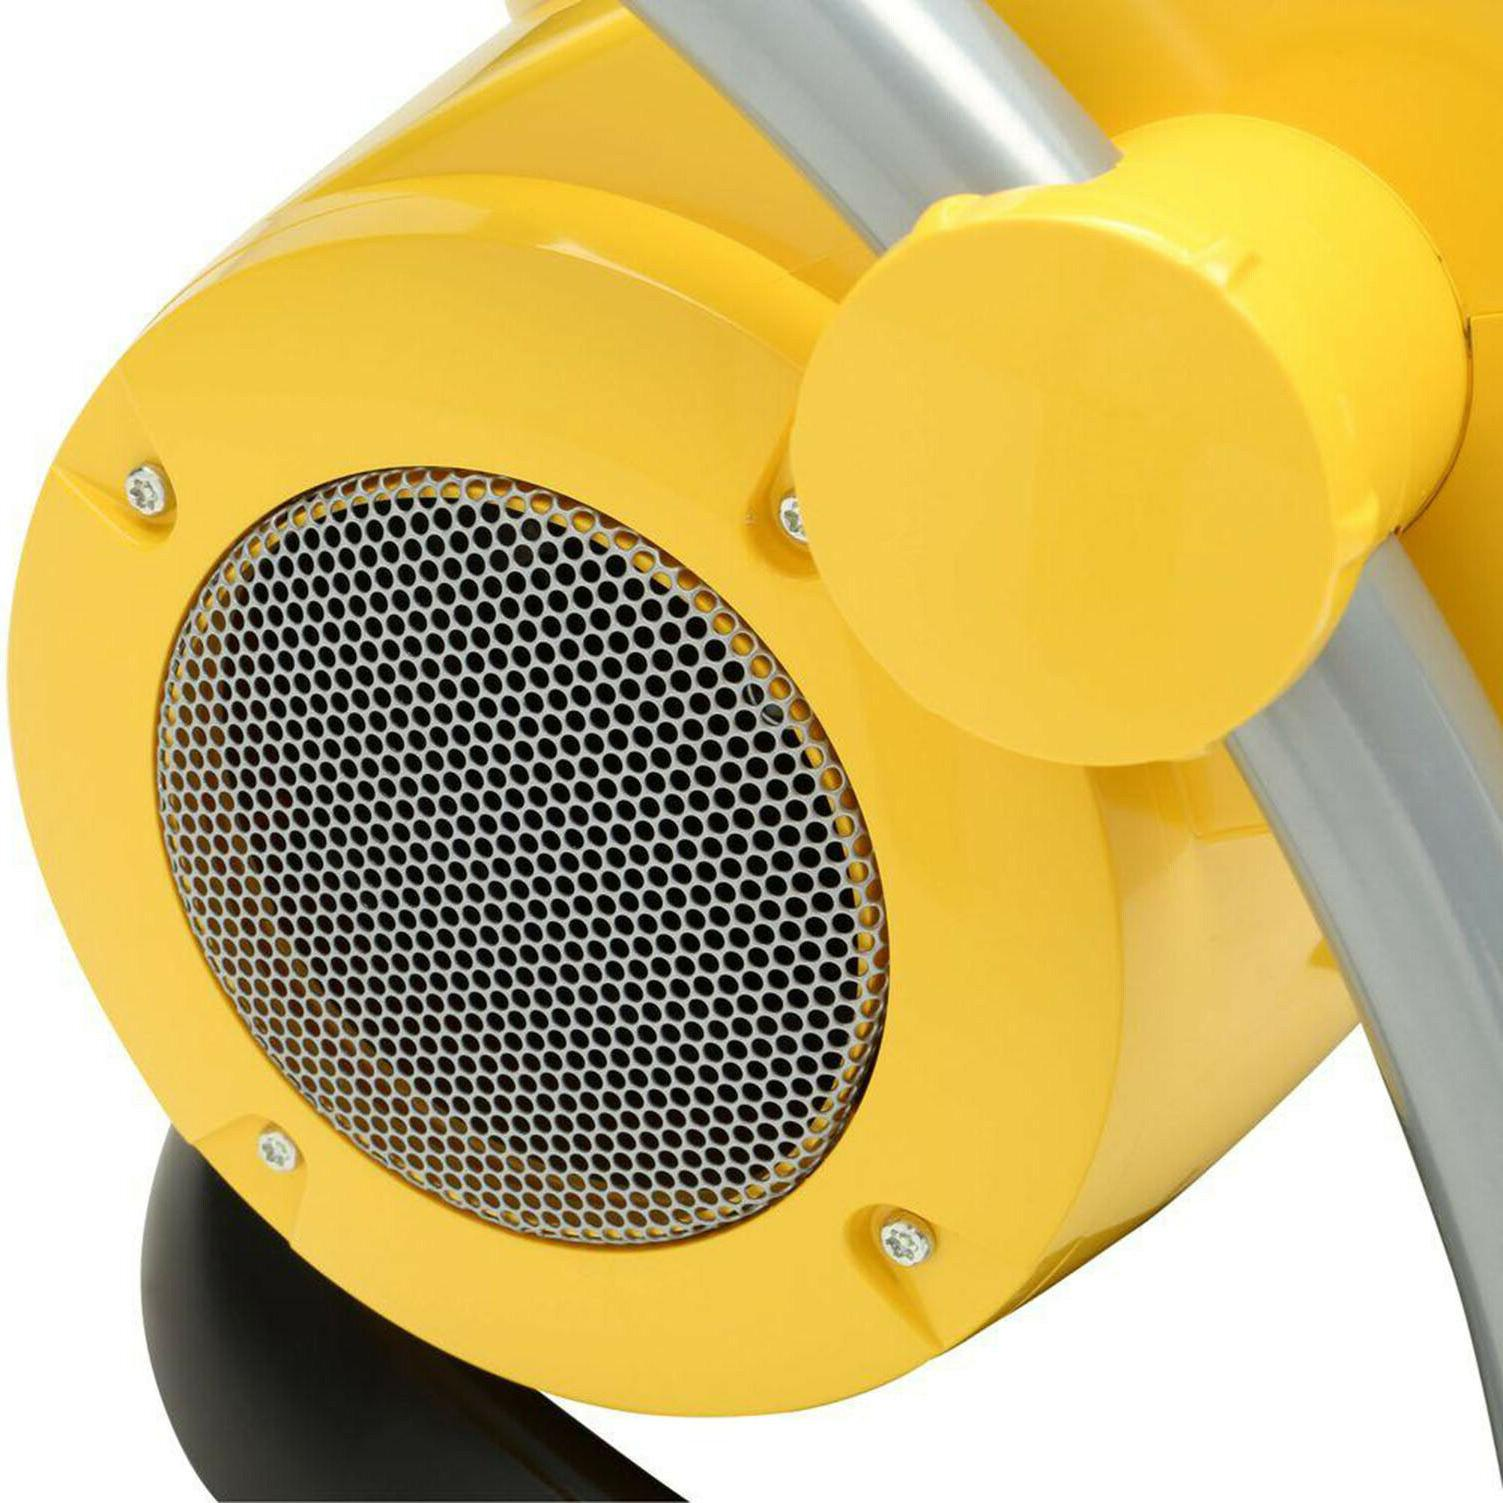 STANLEY 1500W CERAMIC SPACE HEATER Utility Heating Fan